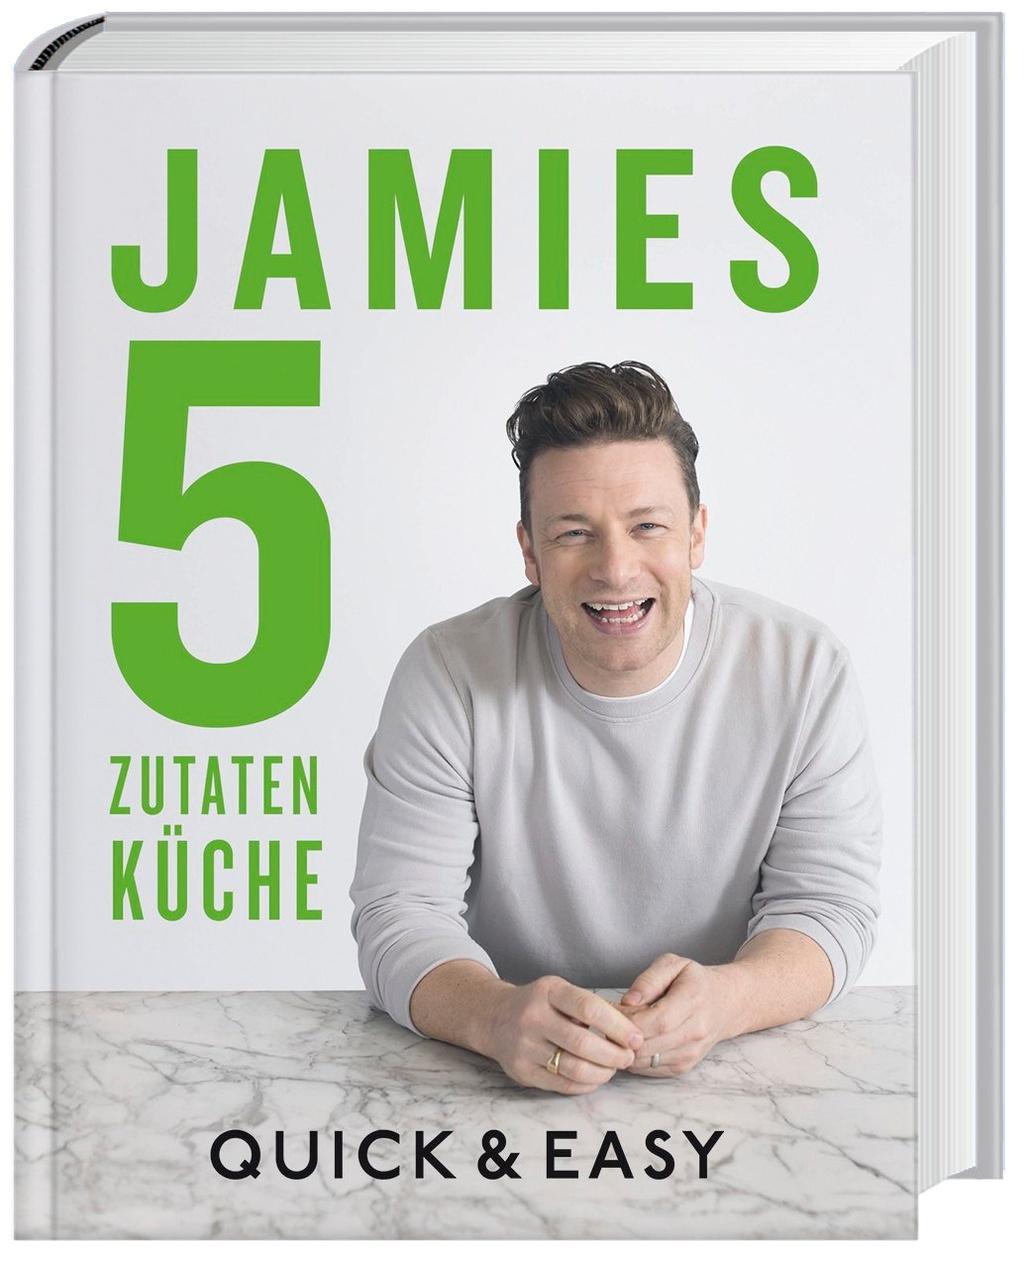 Jamies 17-Zutaten-Küche Buch von versandkostenfrei bestellen